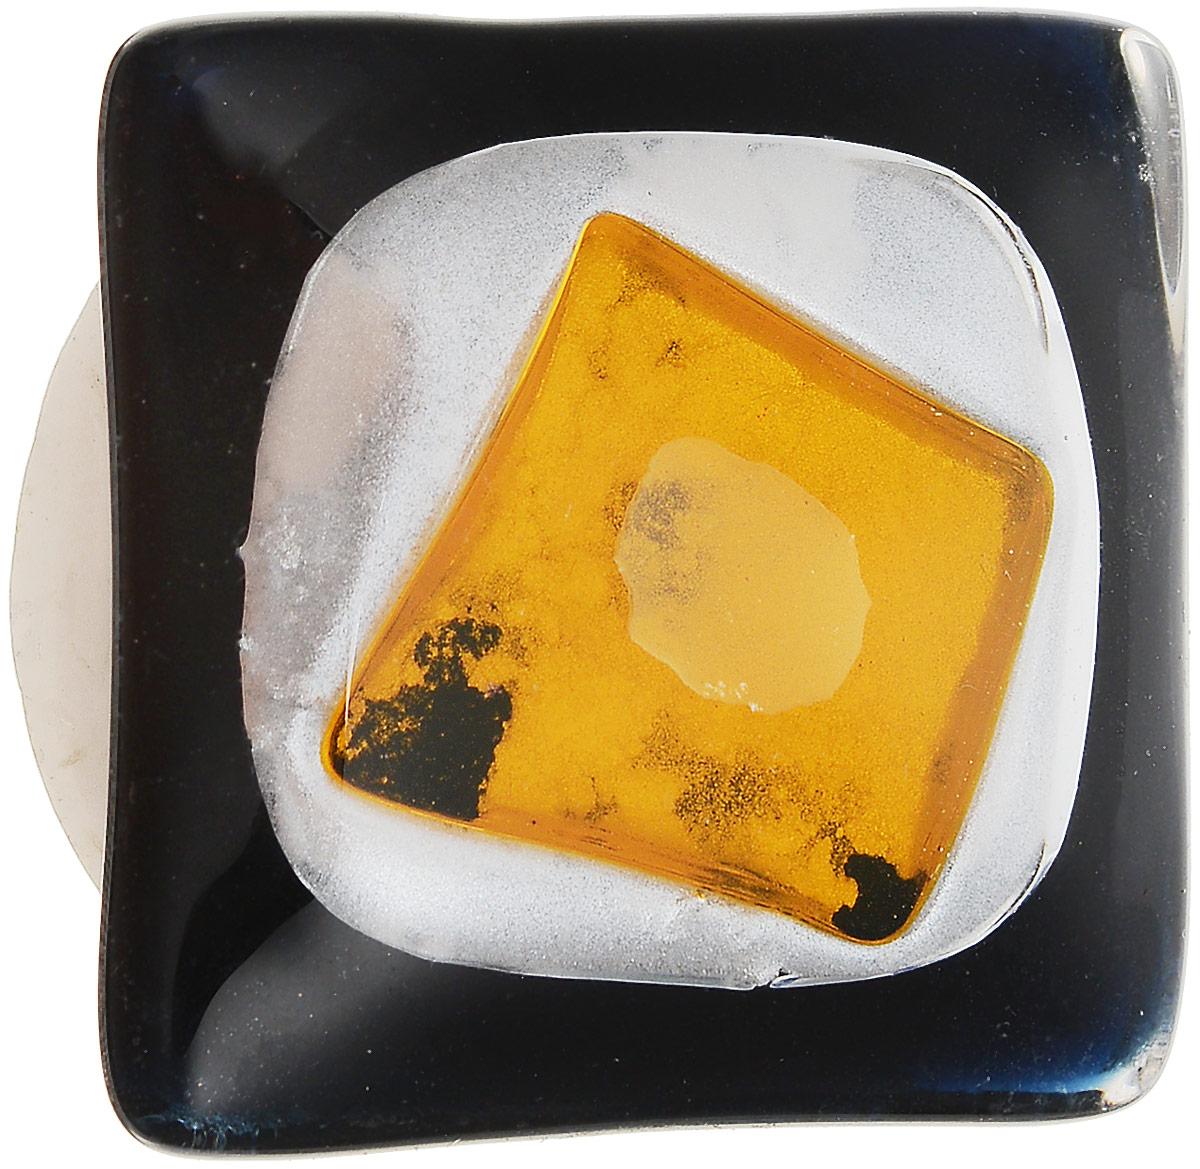 Брошь Сотворение мира. Муранское стекло, магнит, ручная работа. Murano, Италия (Венеция)Брошь-булавкаБрошь Сотворение мира.Муранское стекло, магнит, ручная работа.Murano, Италия (Венеция).Размер - 3 х 3 см.Тип крепления - магнит.Брошь можно носить на одежде, шляпе, рюкзаке или сумке.Каждое изделие из муранского стекла уникально и может незначительно отличаться от того, что вы видите на фотографии.